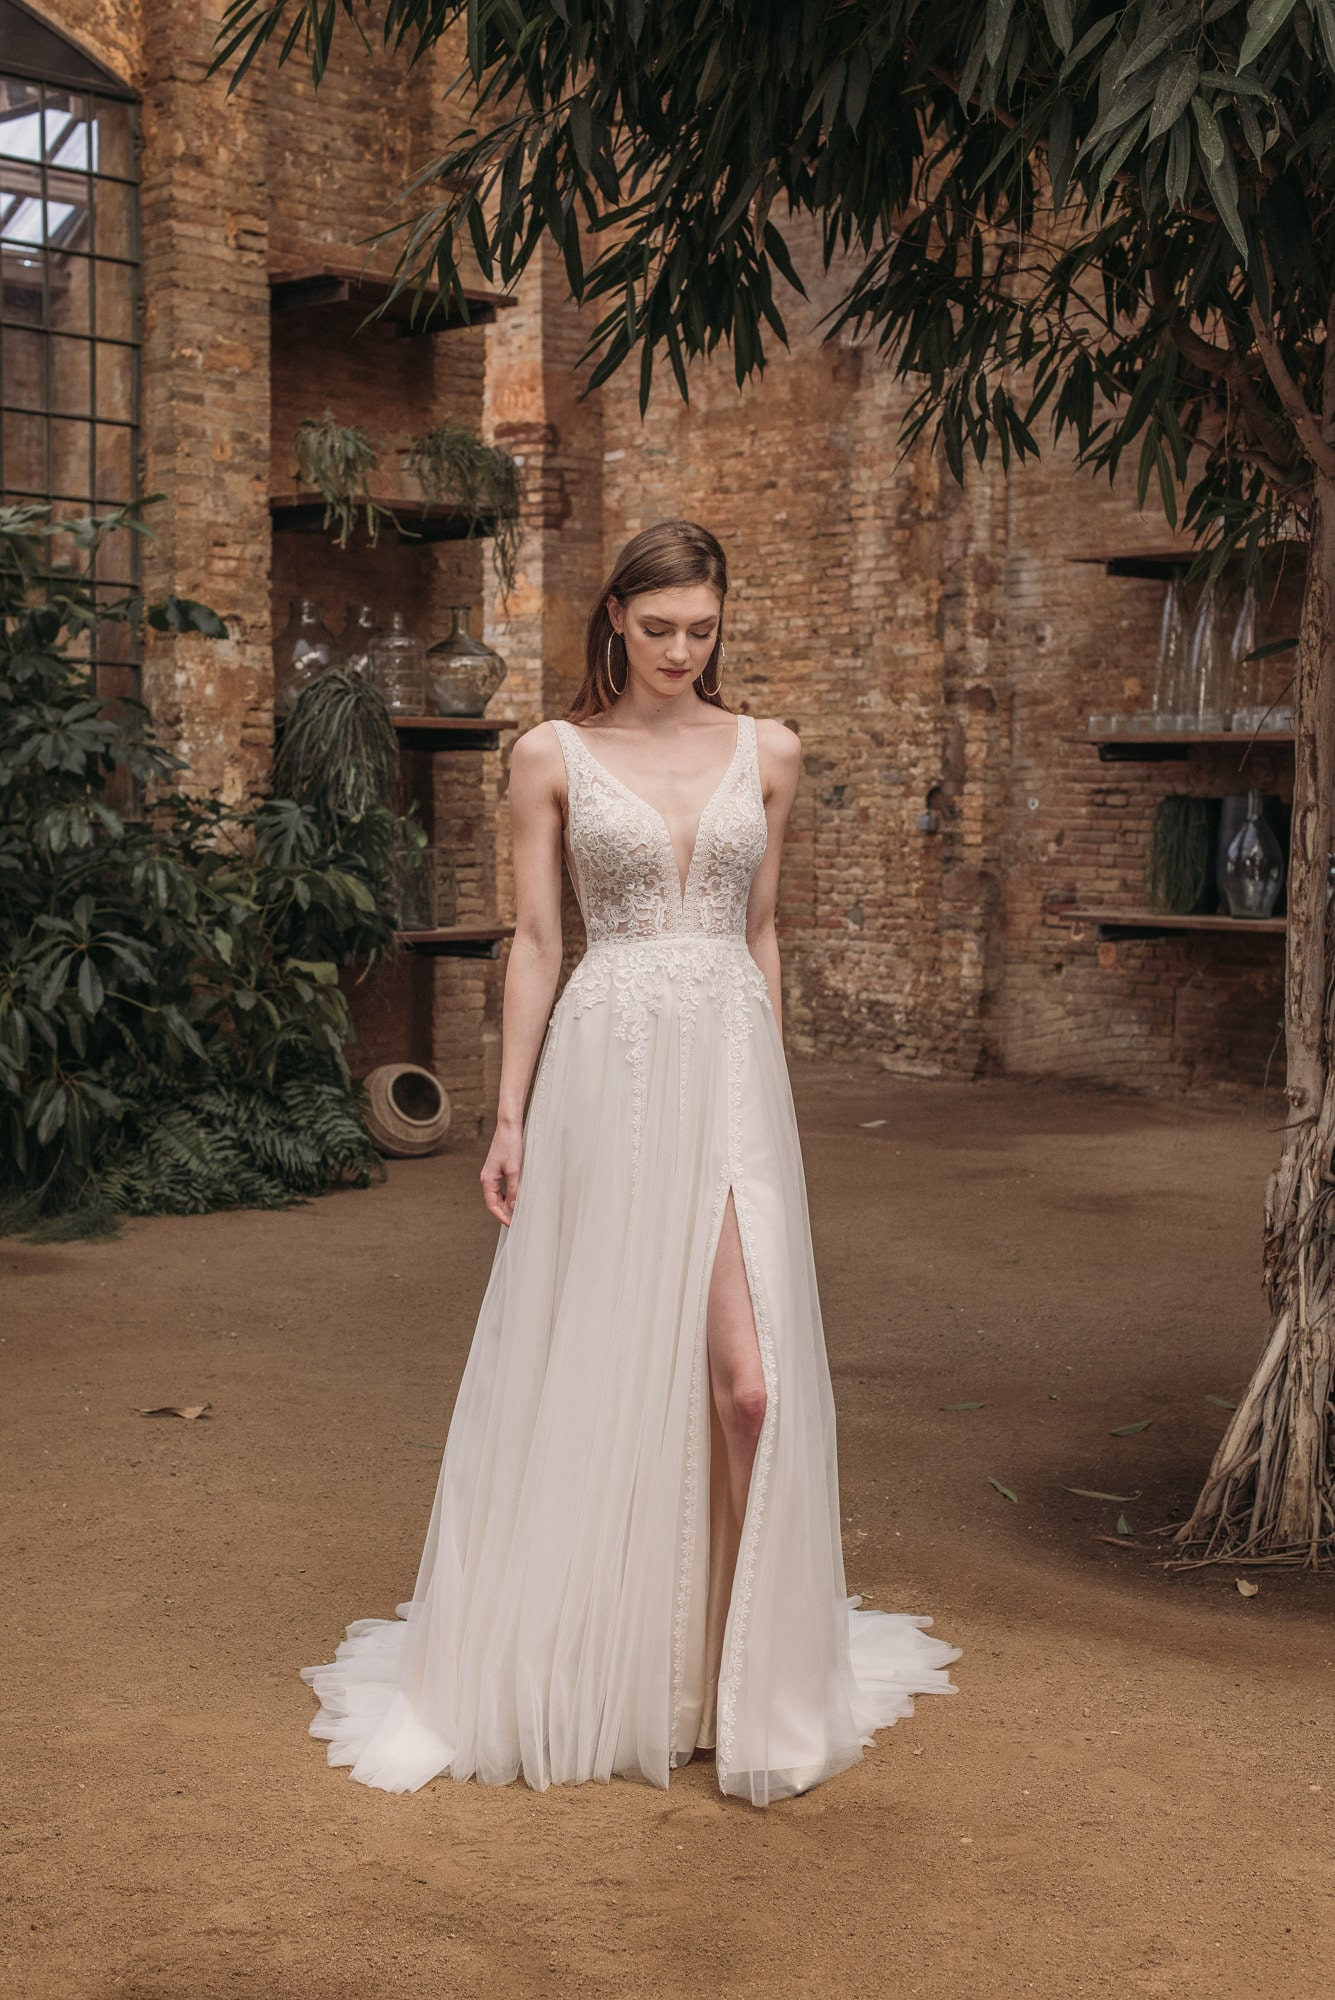 elegantes Hochzeitskleid mit Beinschlitz – gesehen bei frauimmer-herrewig.de